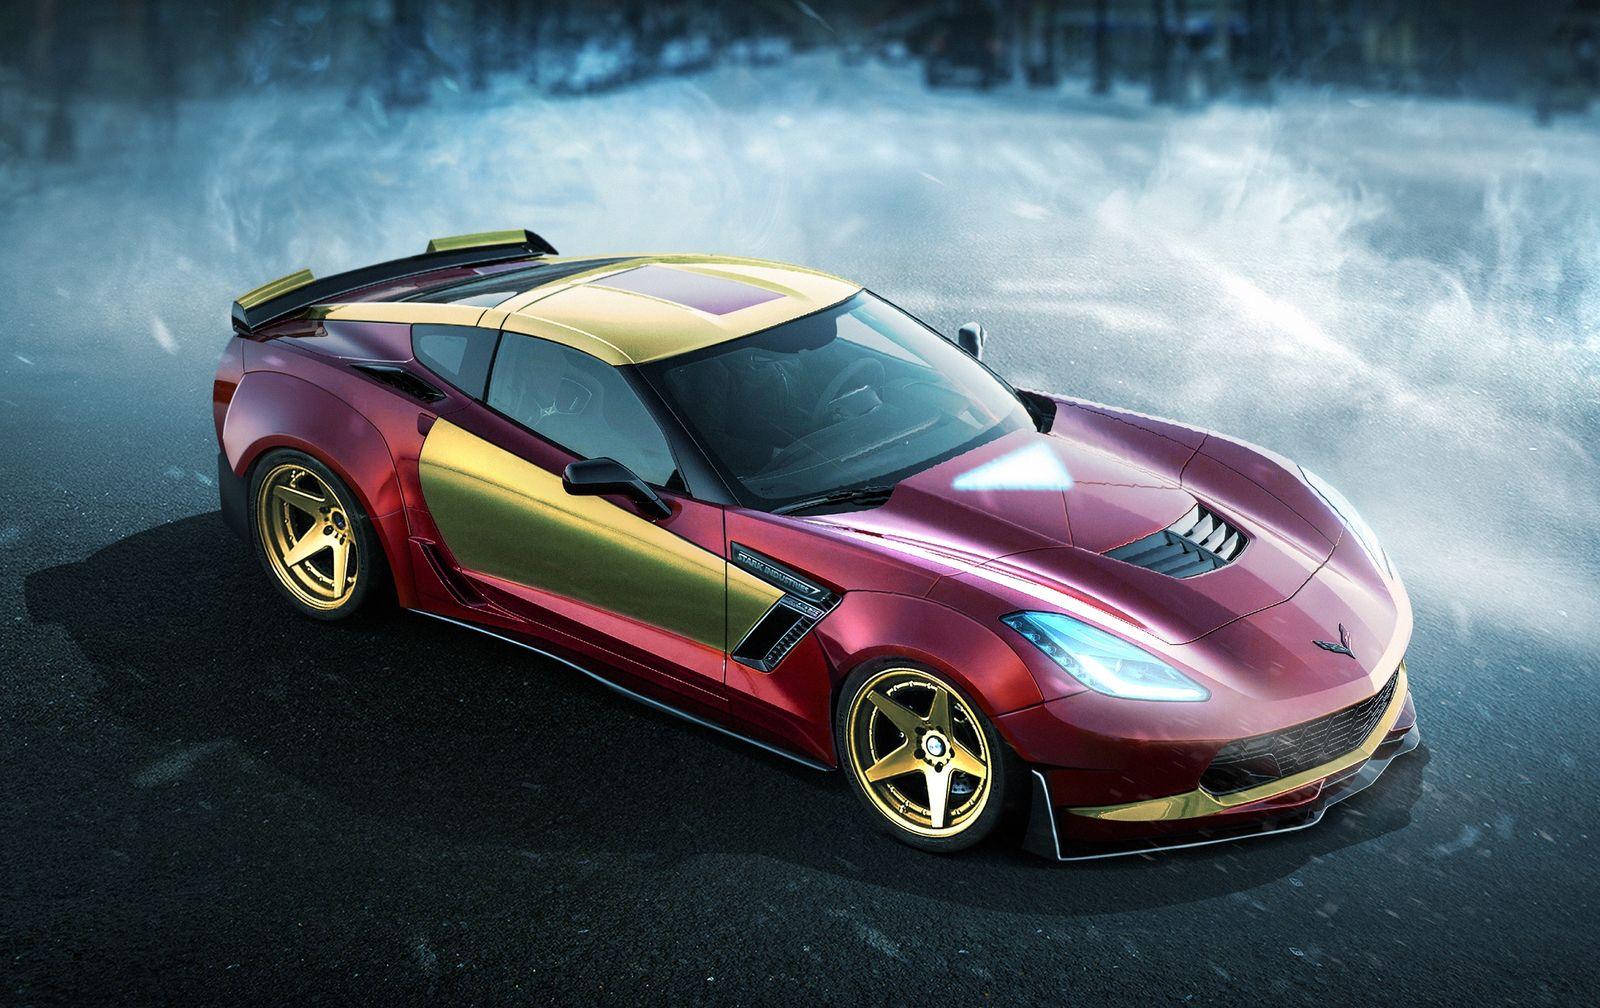 superhero-car-designs-opn-gallery-6.jpg